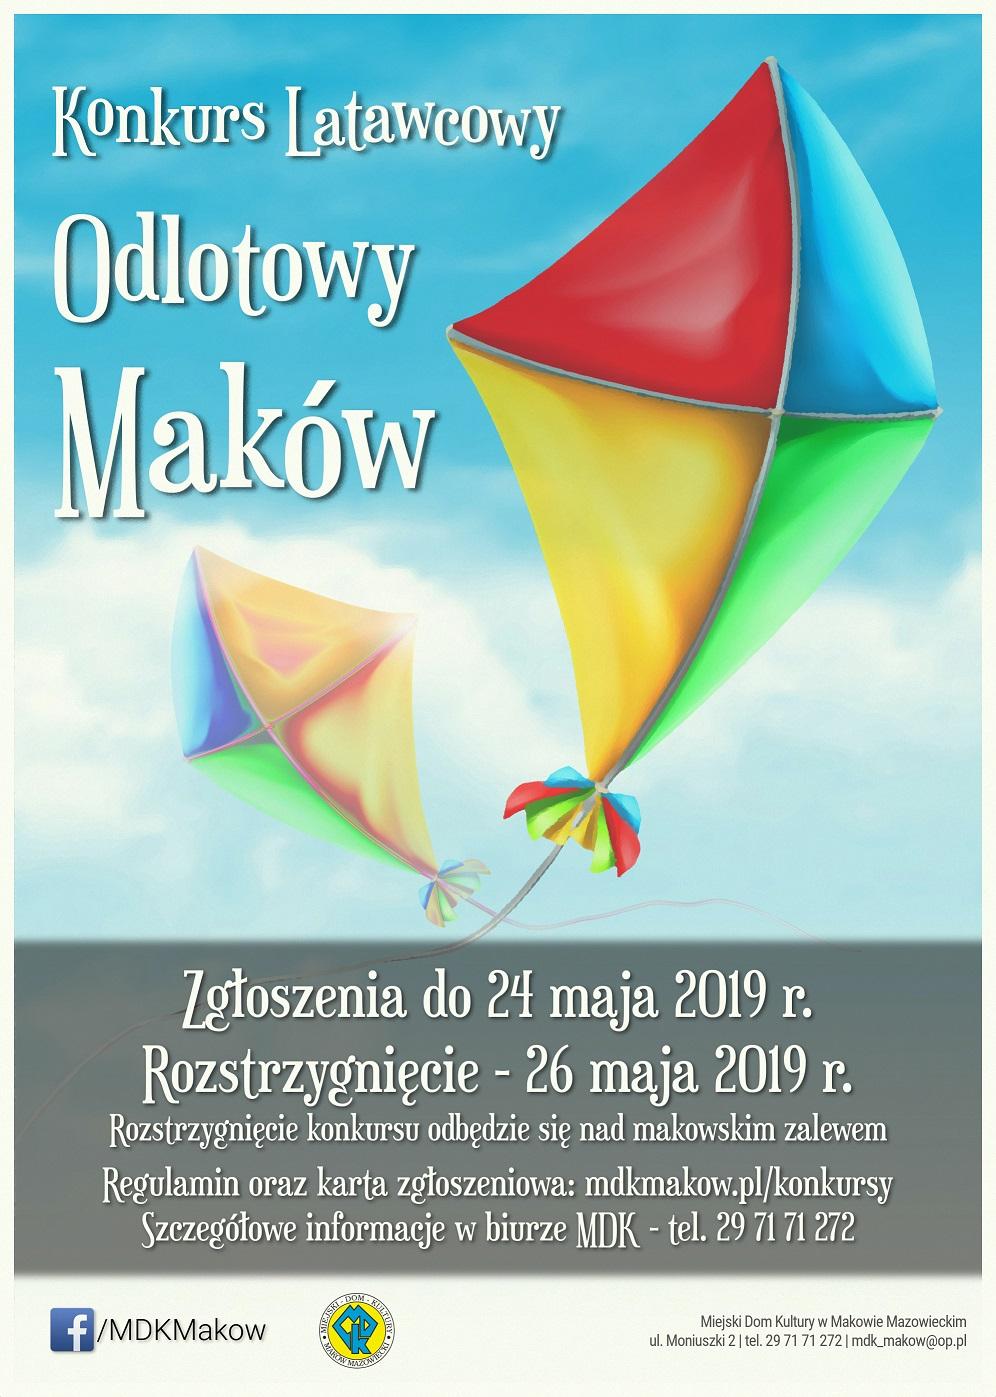 Grafika konkursu latawcowego Odlotowy Maków.